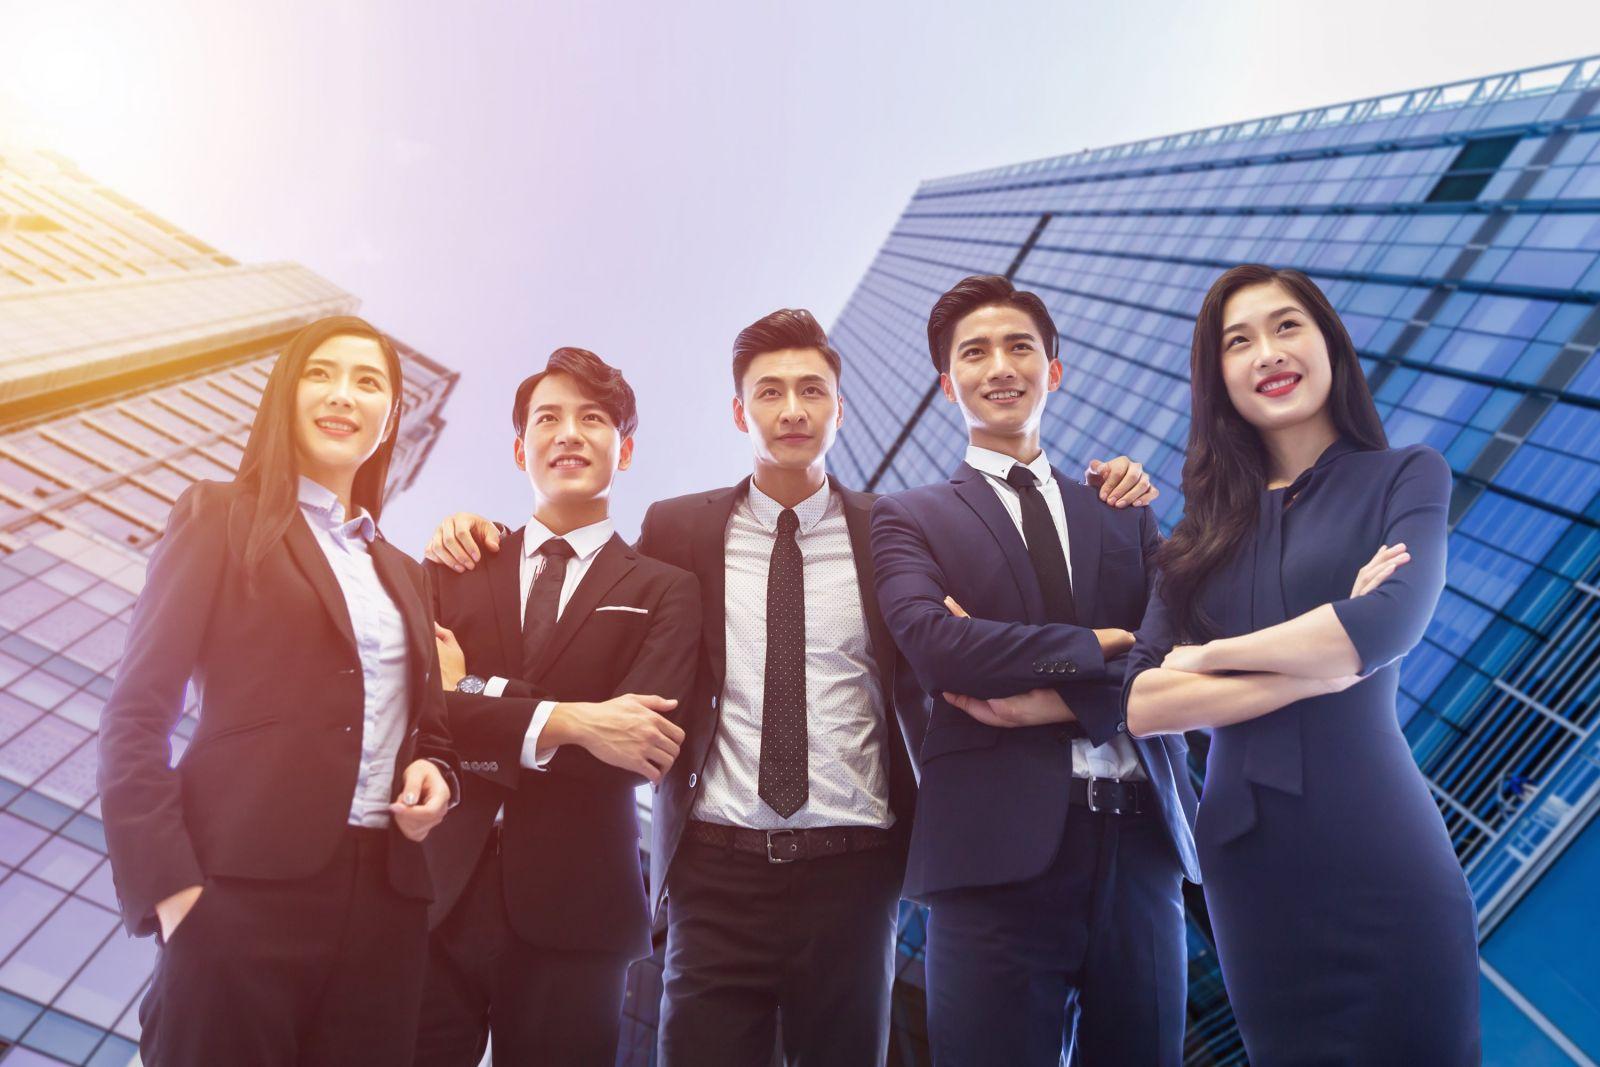 [深圳SEO]有趣的SEO优化,是增加网站曝光度的幕后推手,但是您也必须找到对的SEO优化专业团队-第3张图片